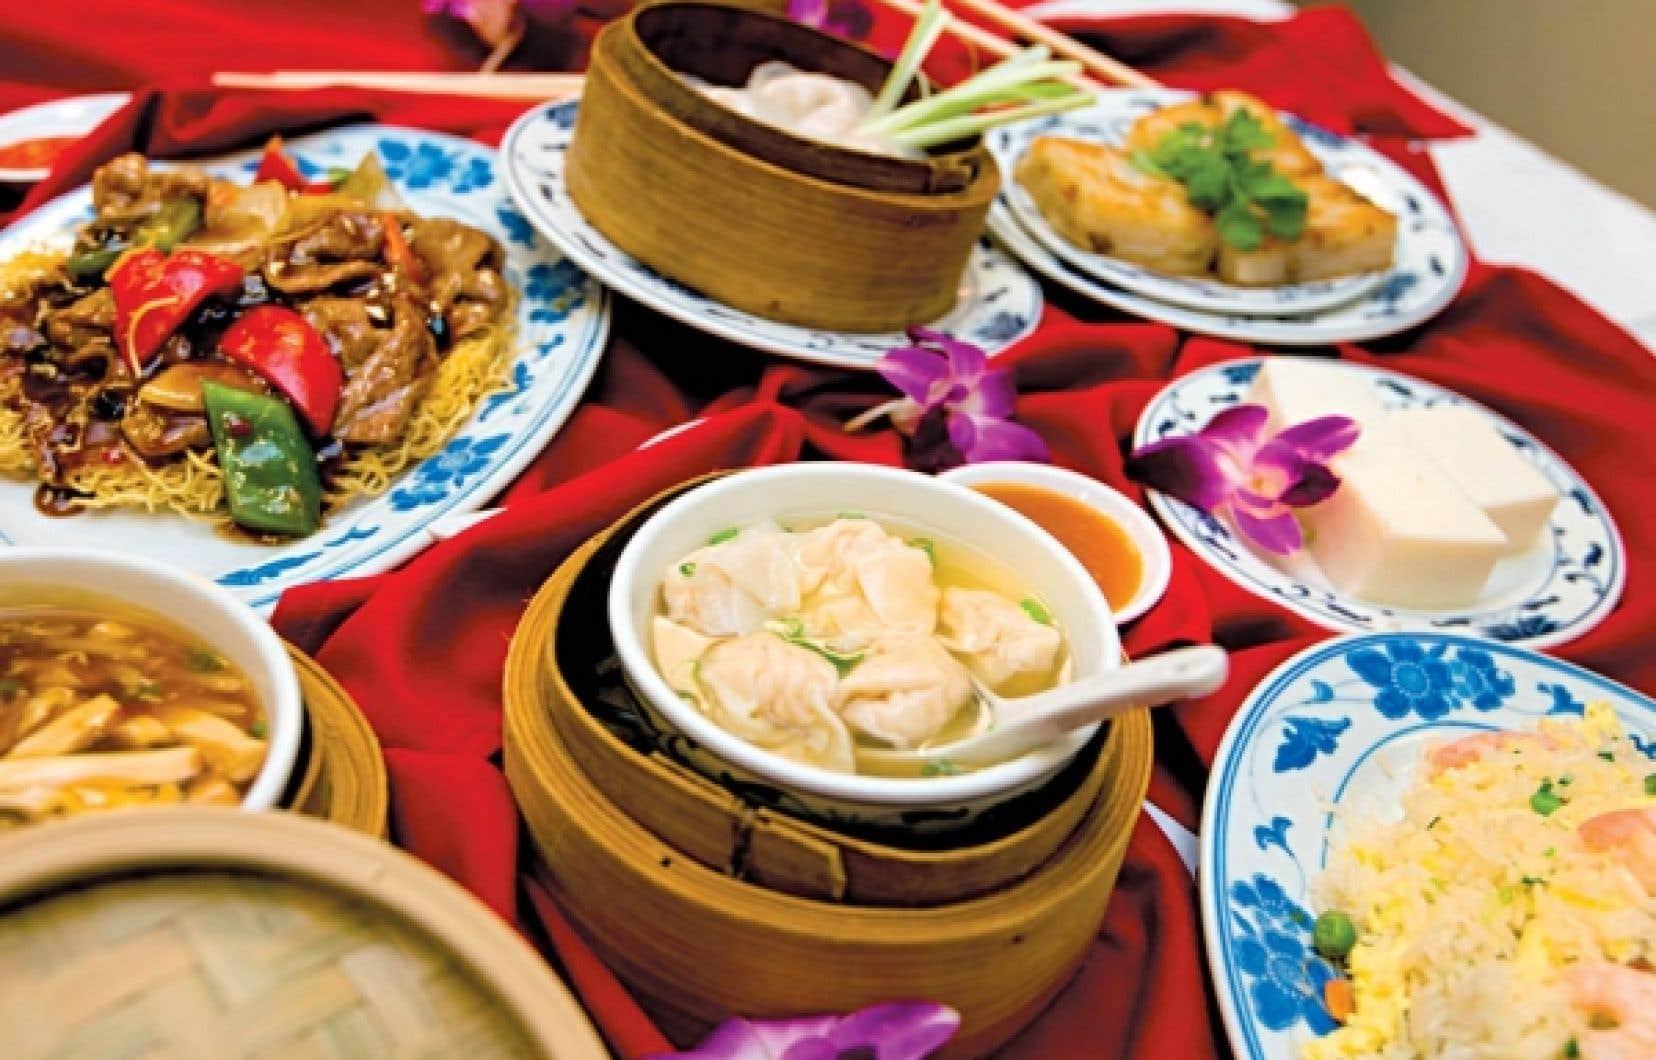 Rien n'est vraiment moche ni vraiment intime au restaurant Chez Chine de l'hôtel Holiday Inn à Montréal, où l'on vient tant pour prendre le petit-déj' ou un repas d'affaires que pour un repas de noces.<br />